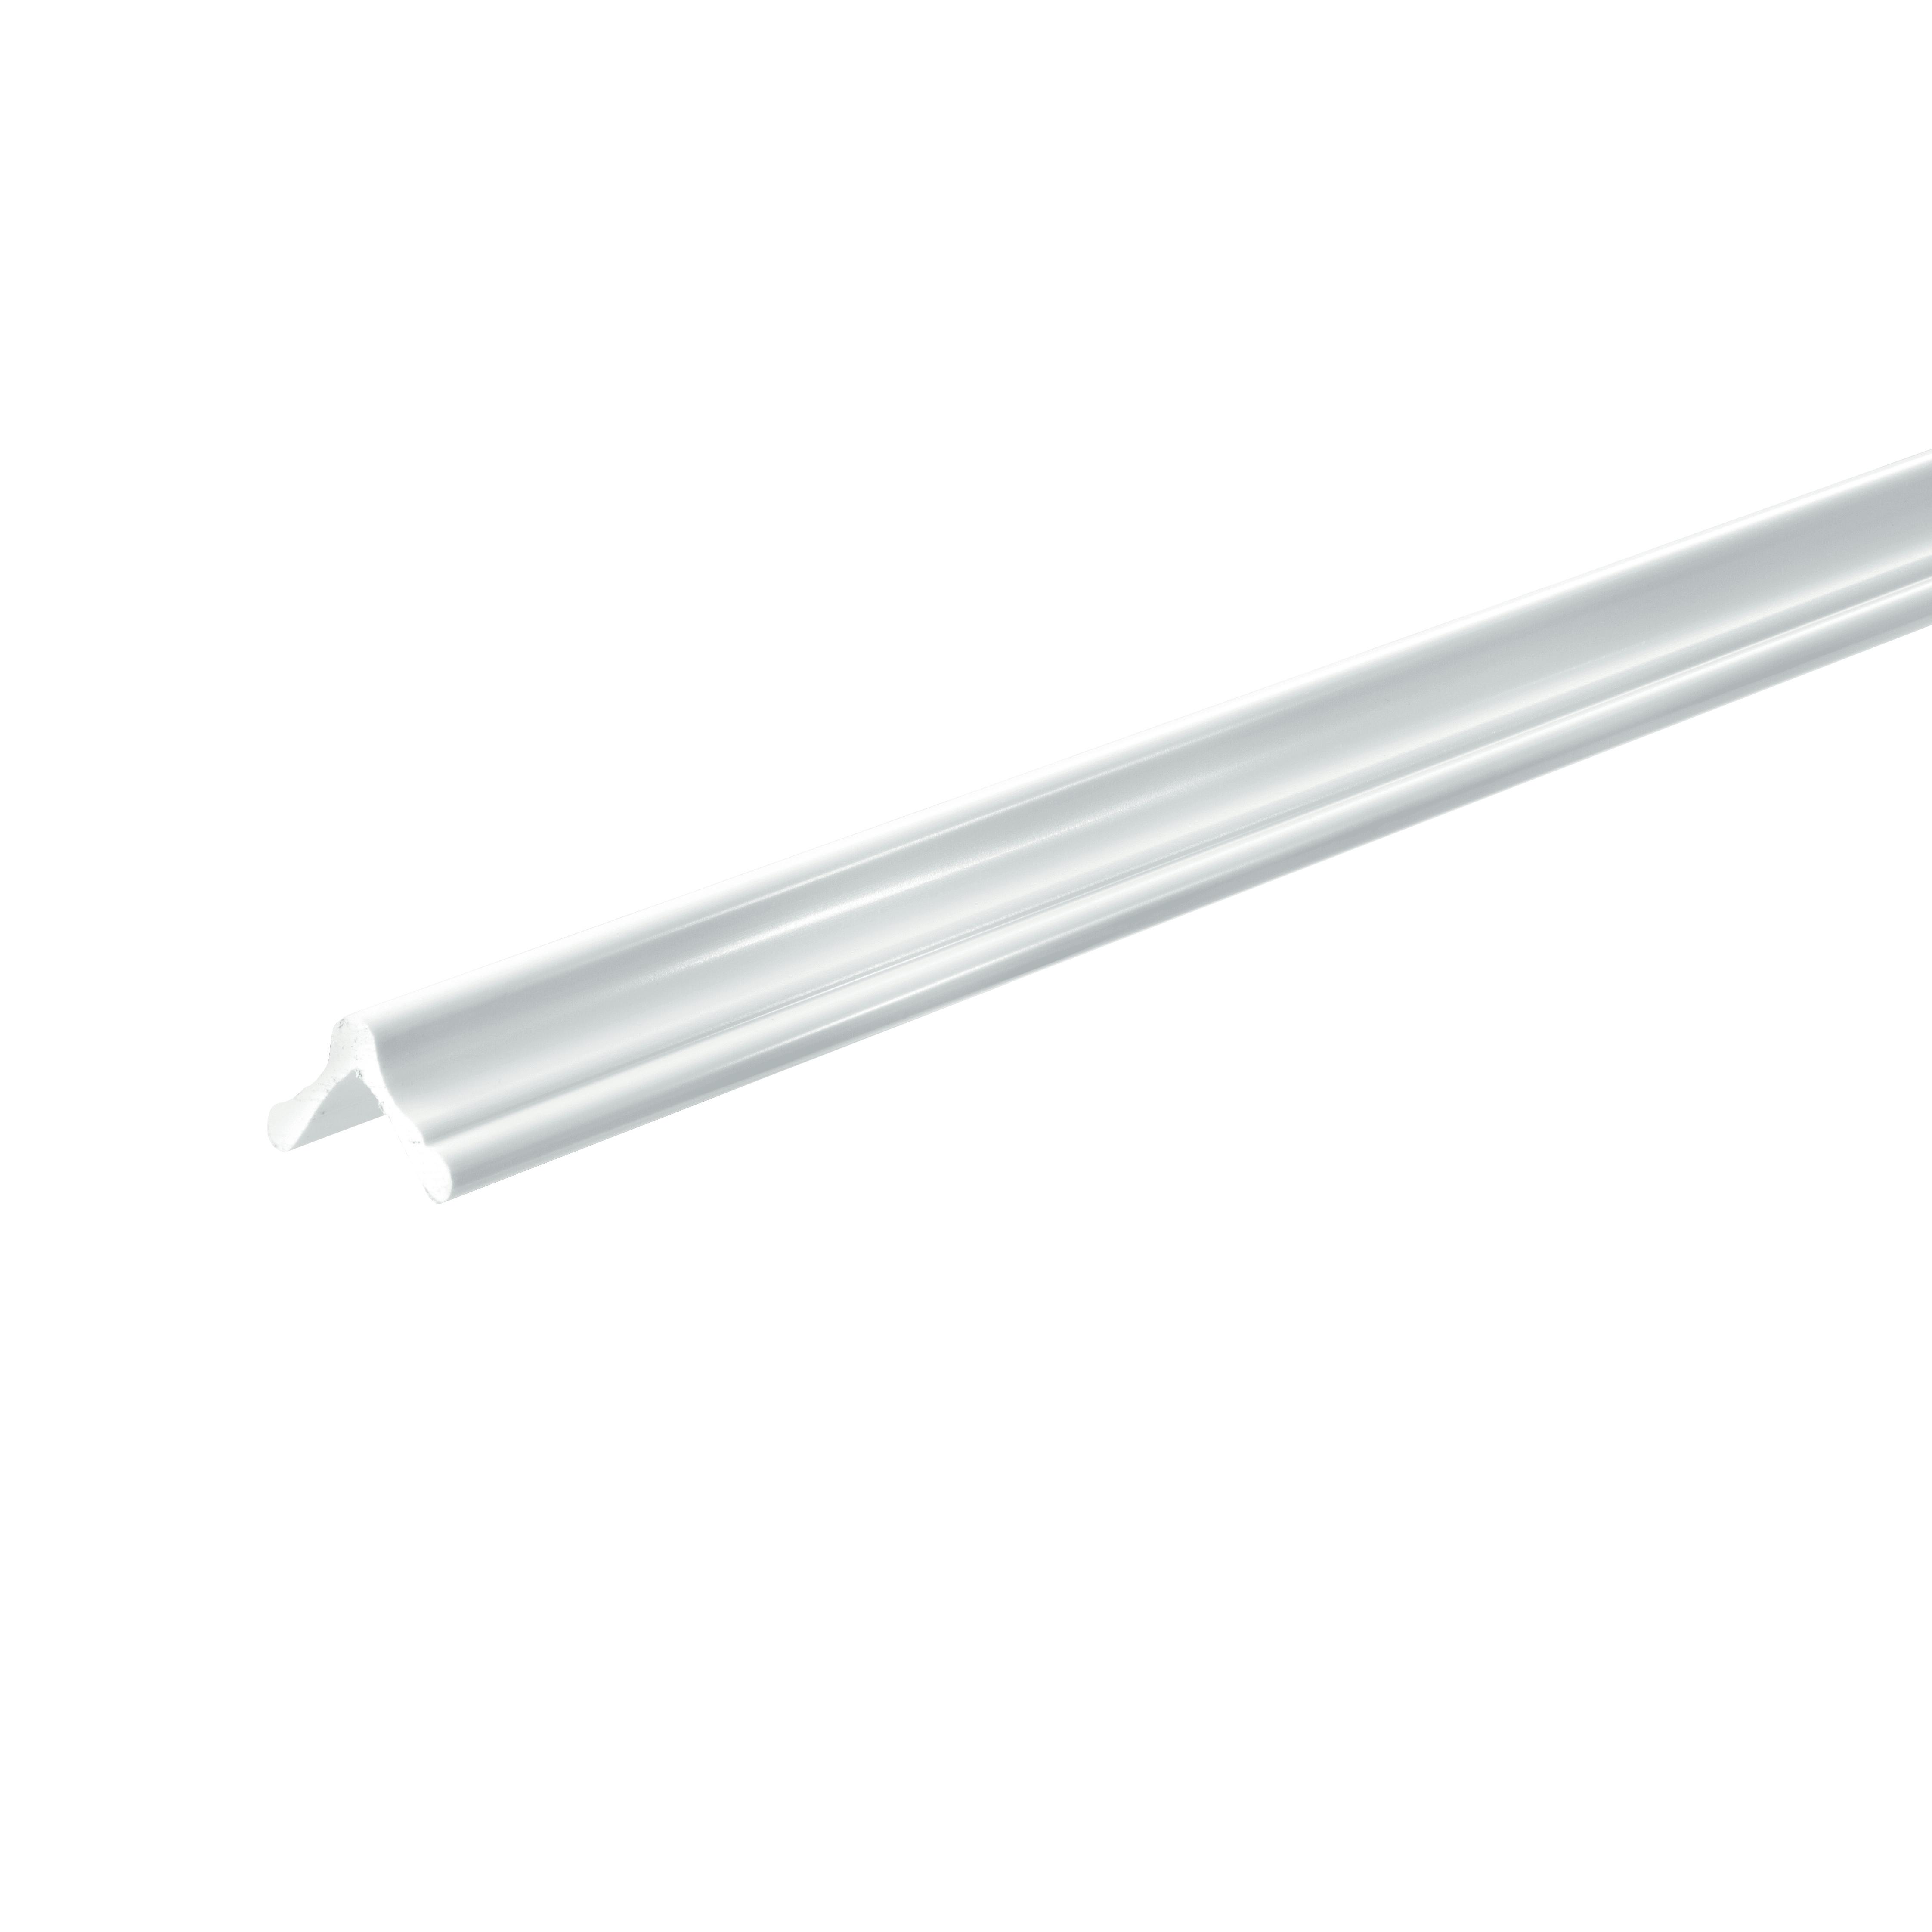 Profilo Angolare Simmetrico In Pvc 3 M X 2 2 Cm Bianco